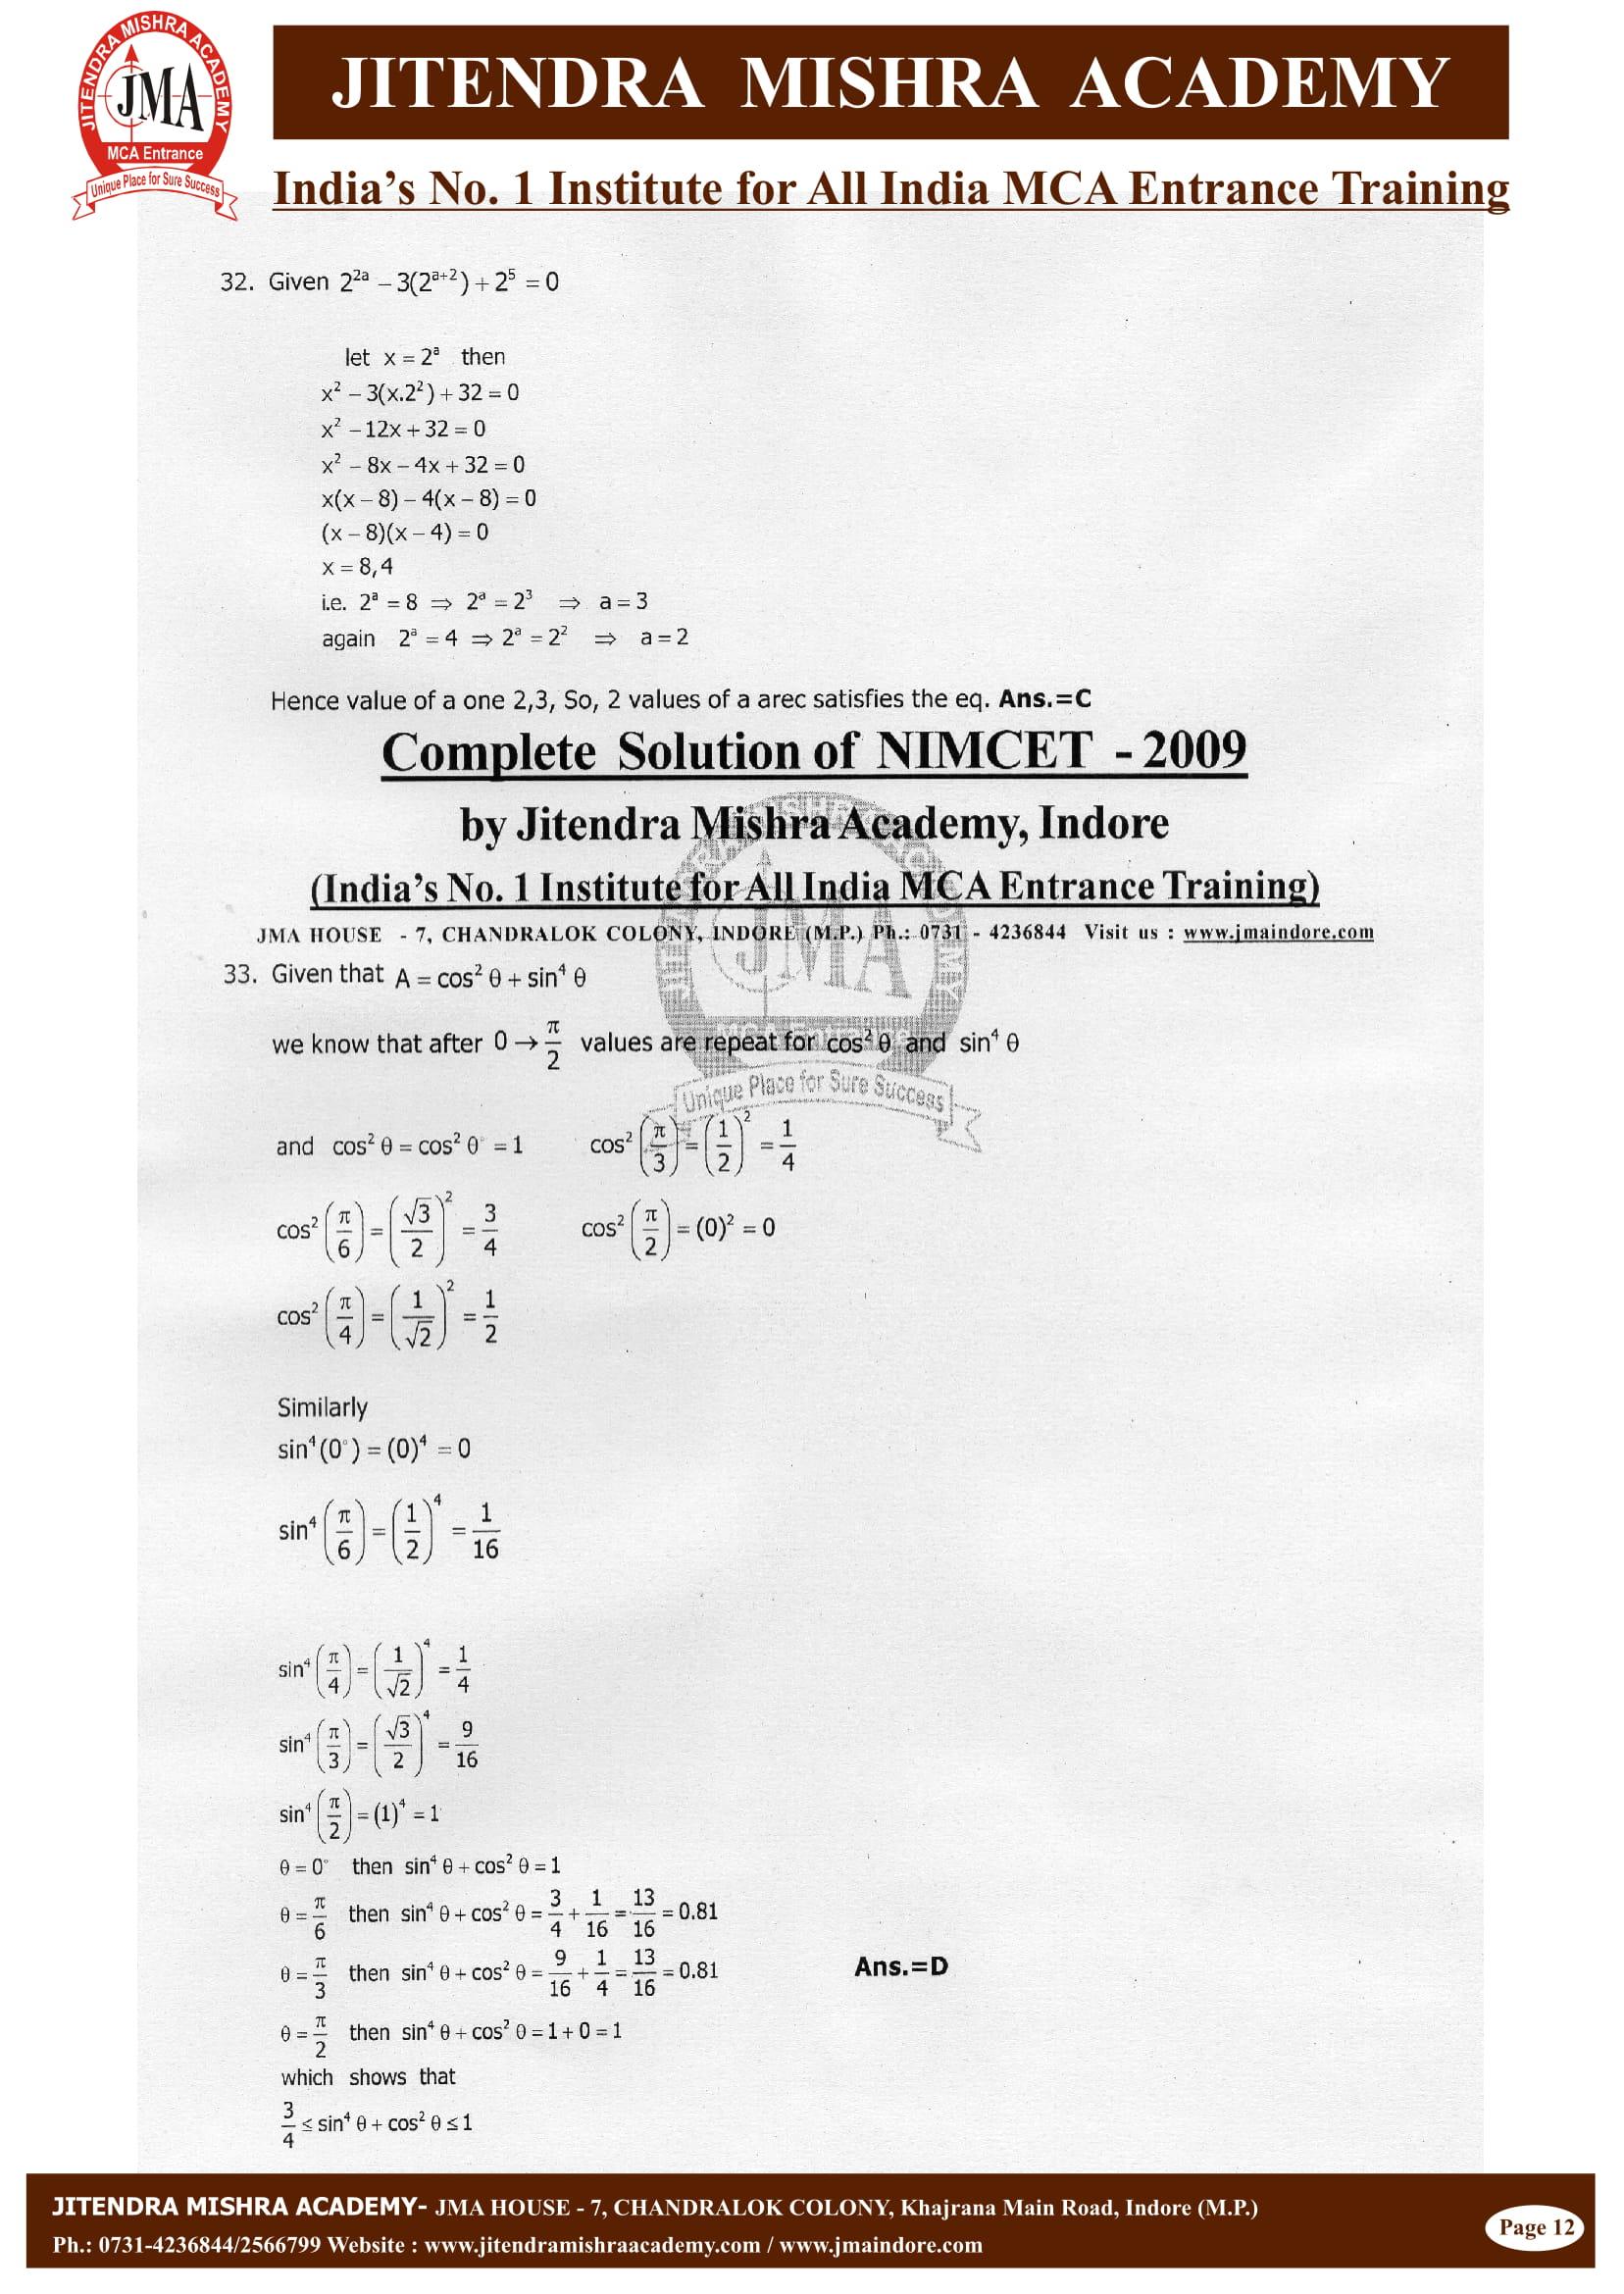 NIMCET - 2009 (SOLUTION)-13